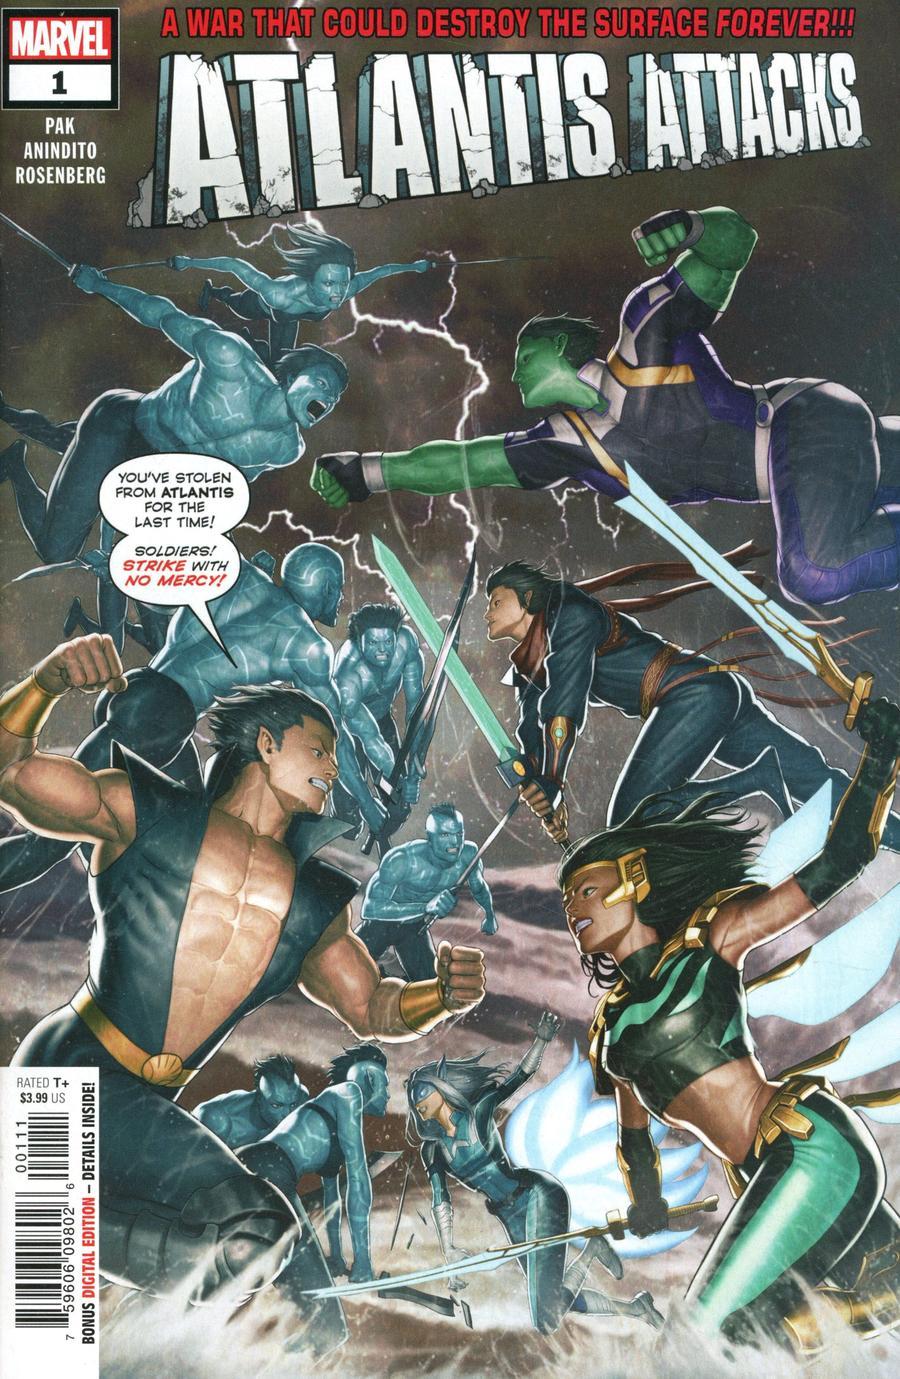 Atlantis Attacks #1 Cover A Regular Rock-He Kim Cover